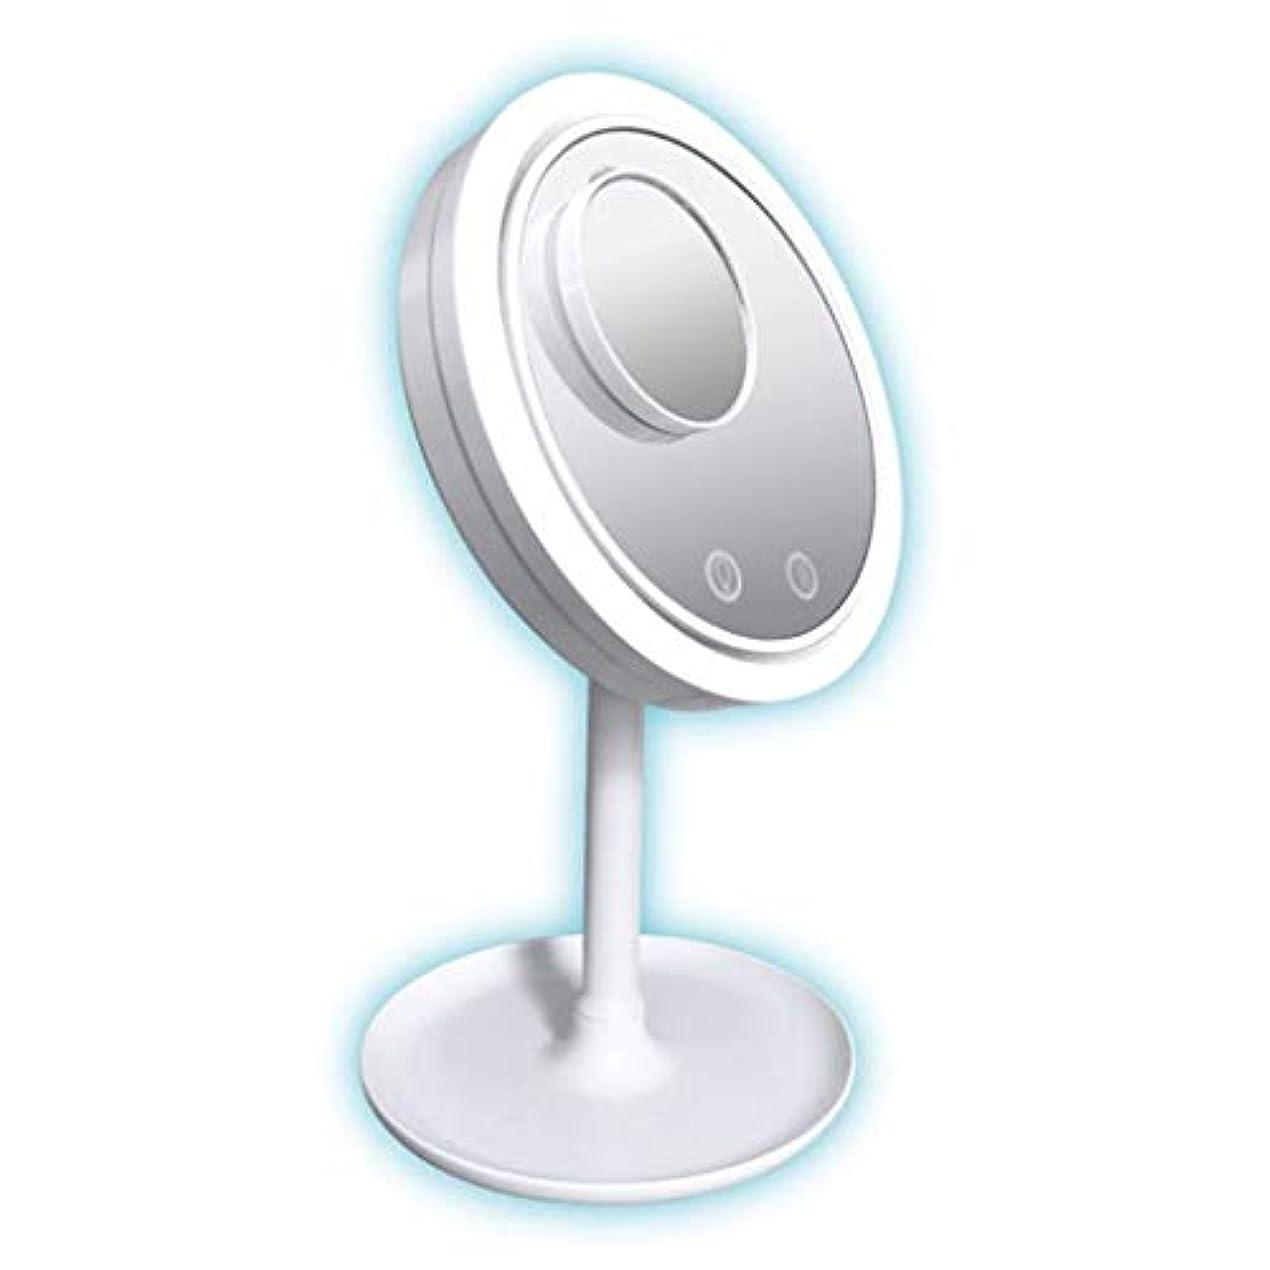 愛されし者補正杖卓上ミラー 化粧鏡 ファン付きの化粧鏡化粧鏡ファン付きのスリーインワン照明付きミラー 5倍拡大鏡 メイクミラー ラウンドミラー 360°回転ブラケット LED付き (ホワイト)